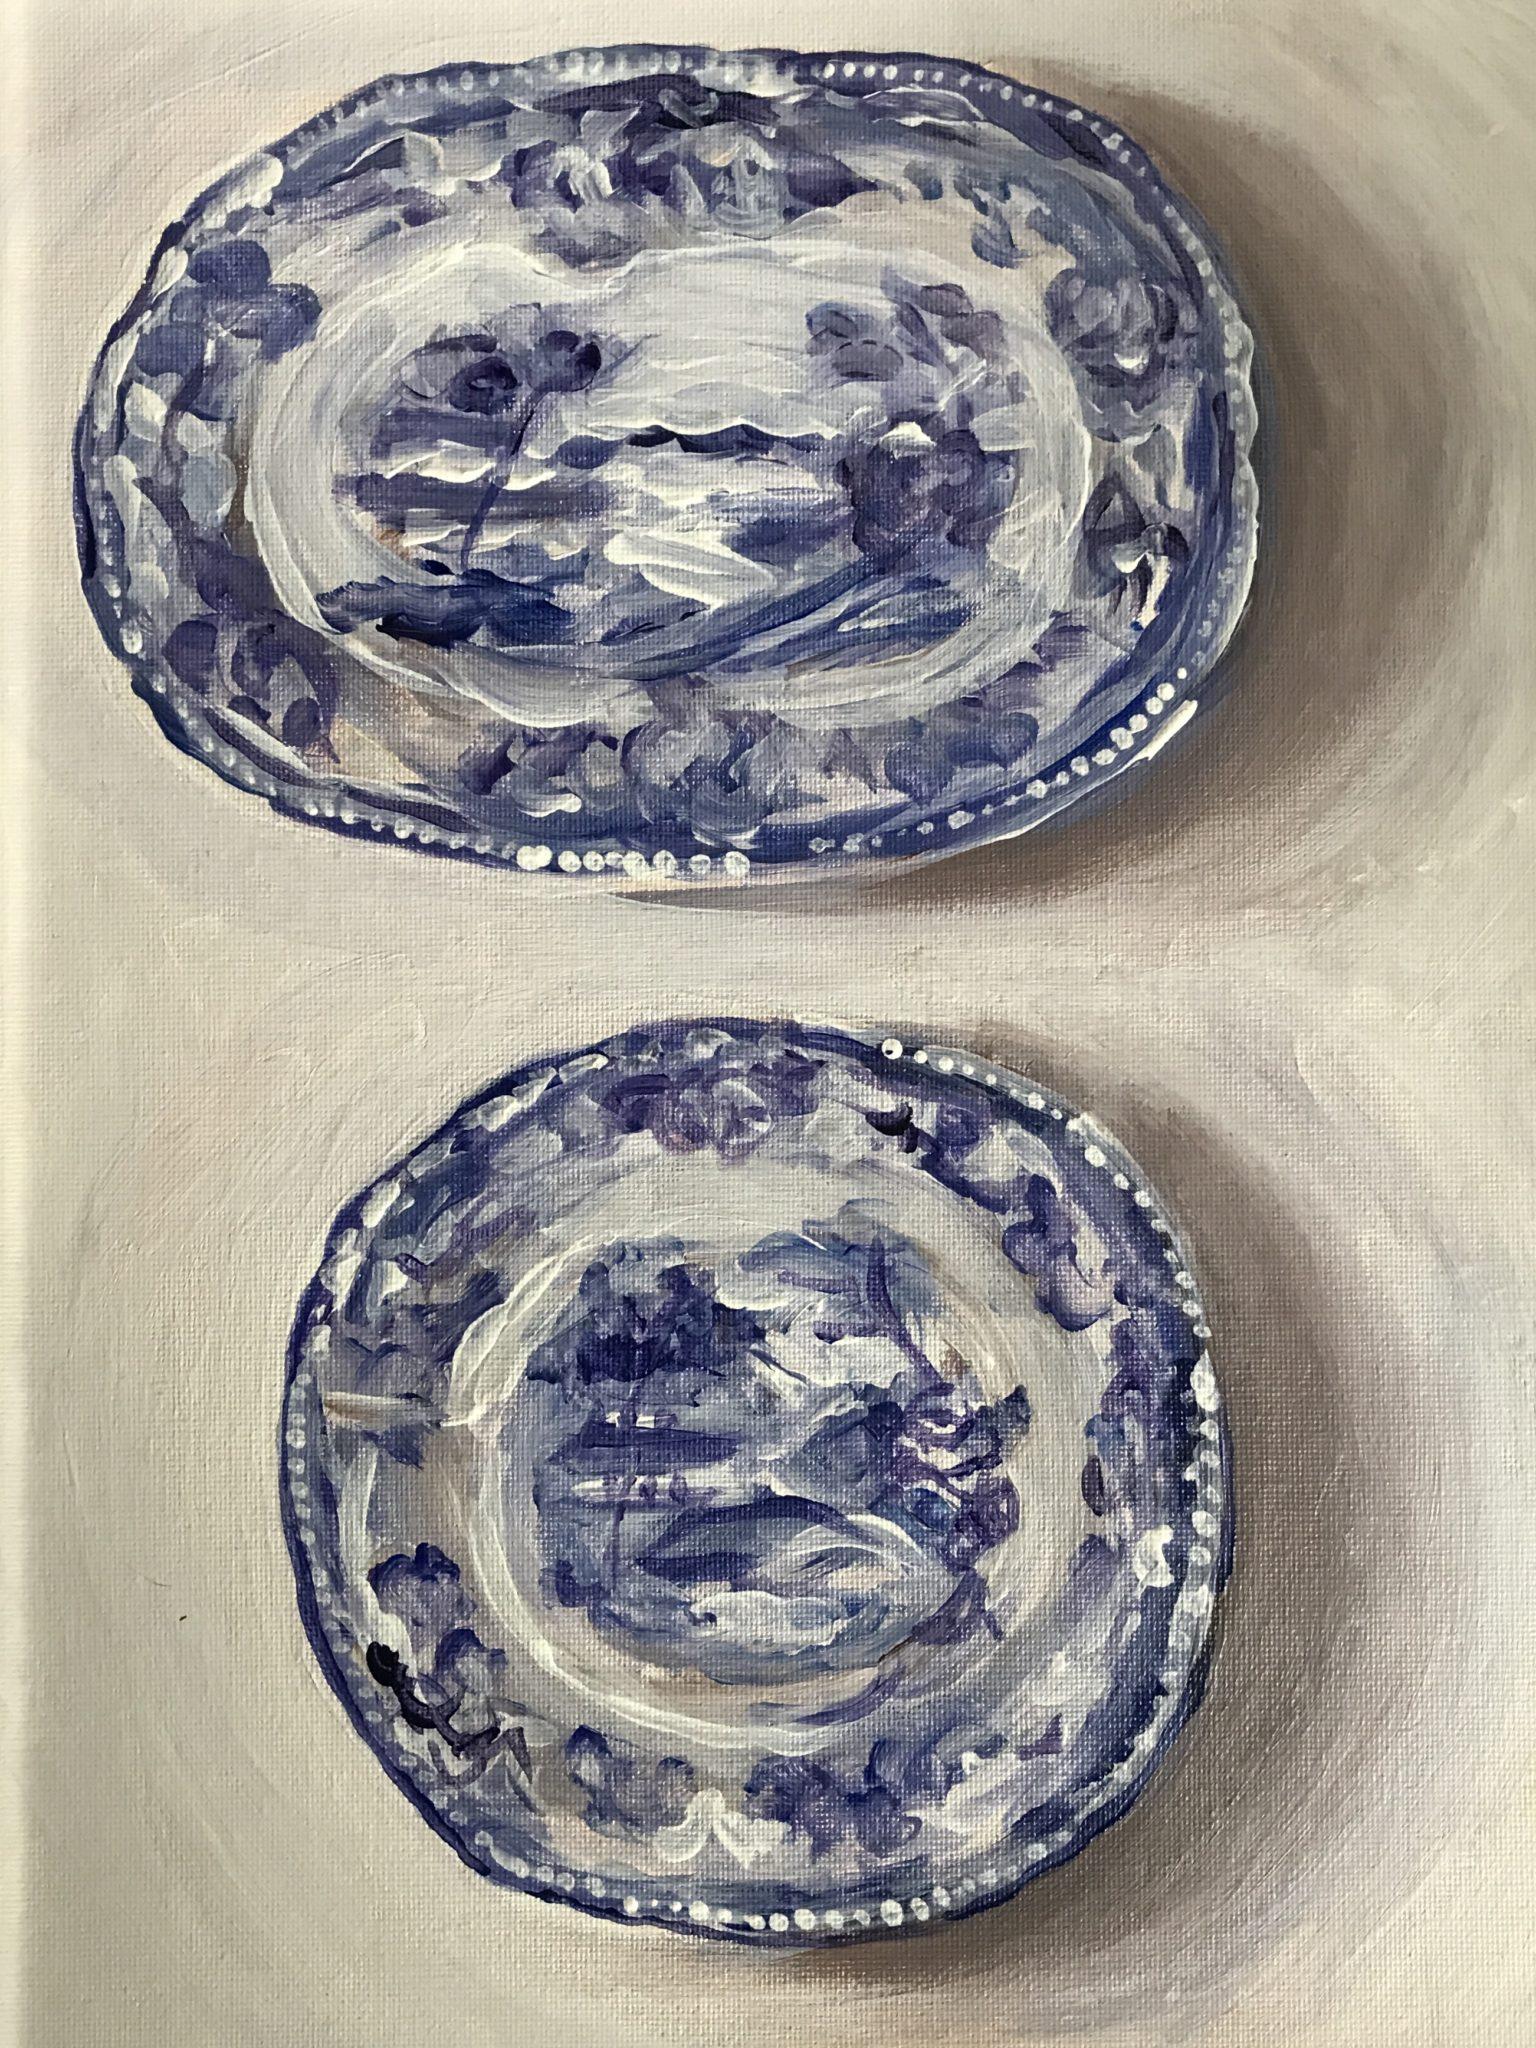 Martin, Karen 2 - Grandma's Dishes 2